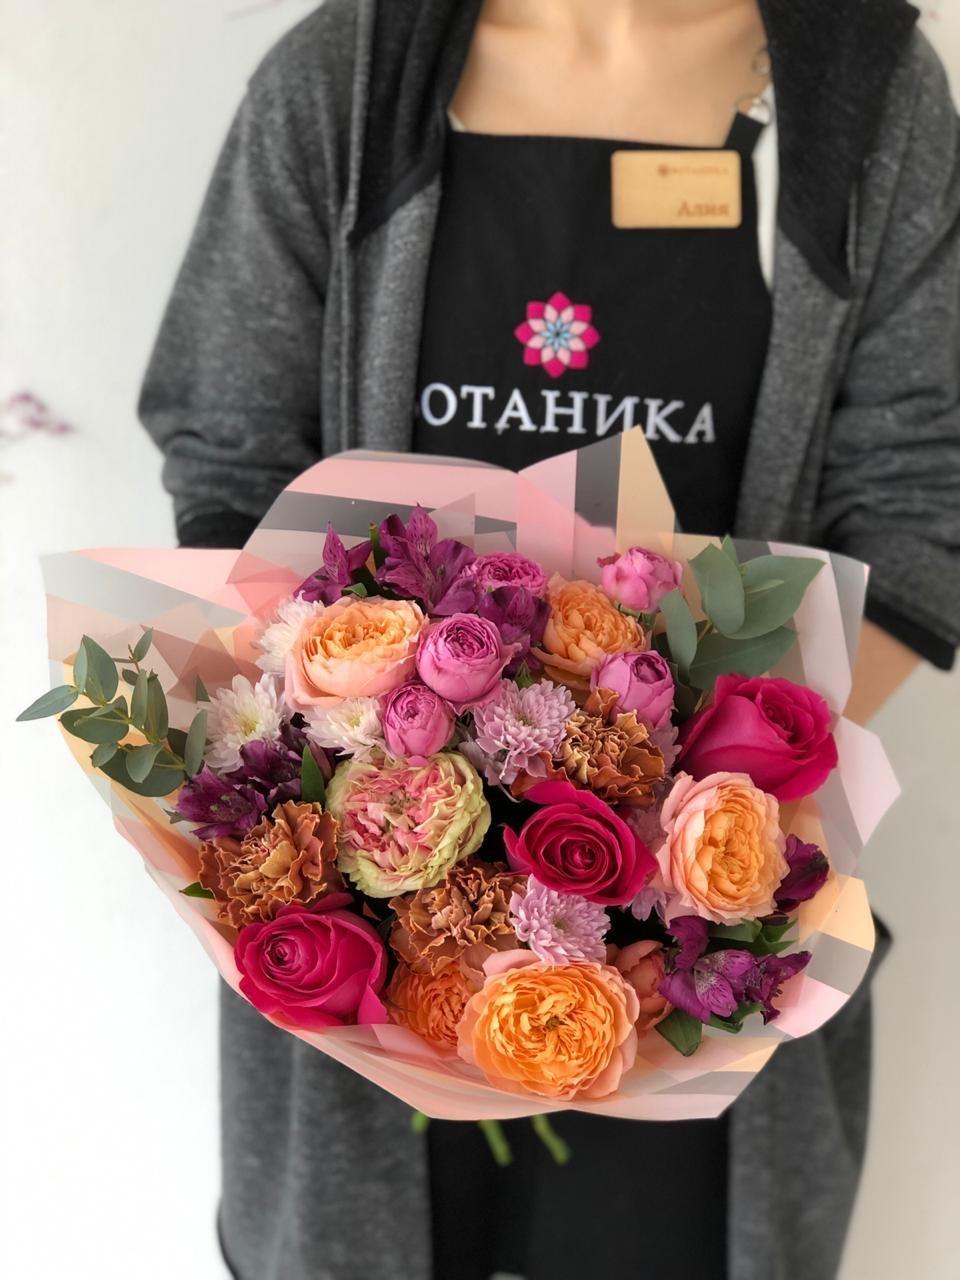 Классические букеты, Букеты с доставкой, Заказать букет цветов